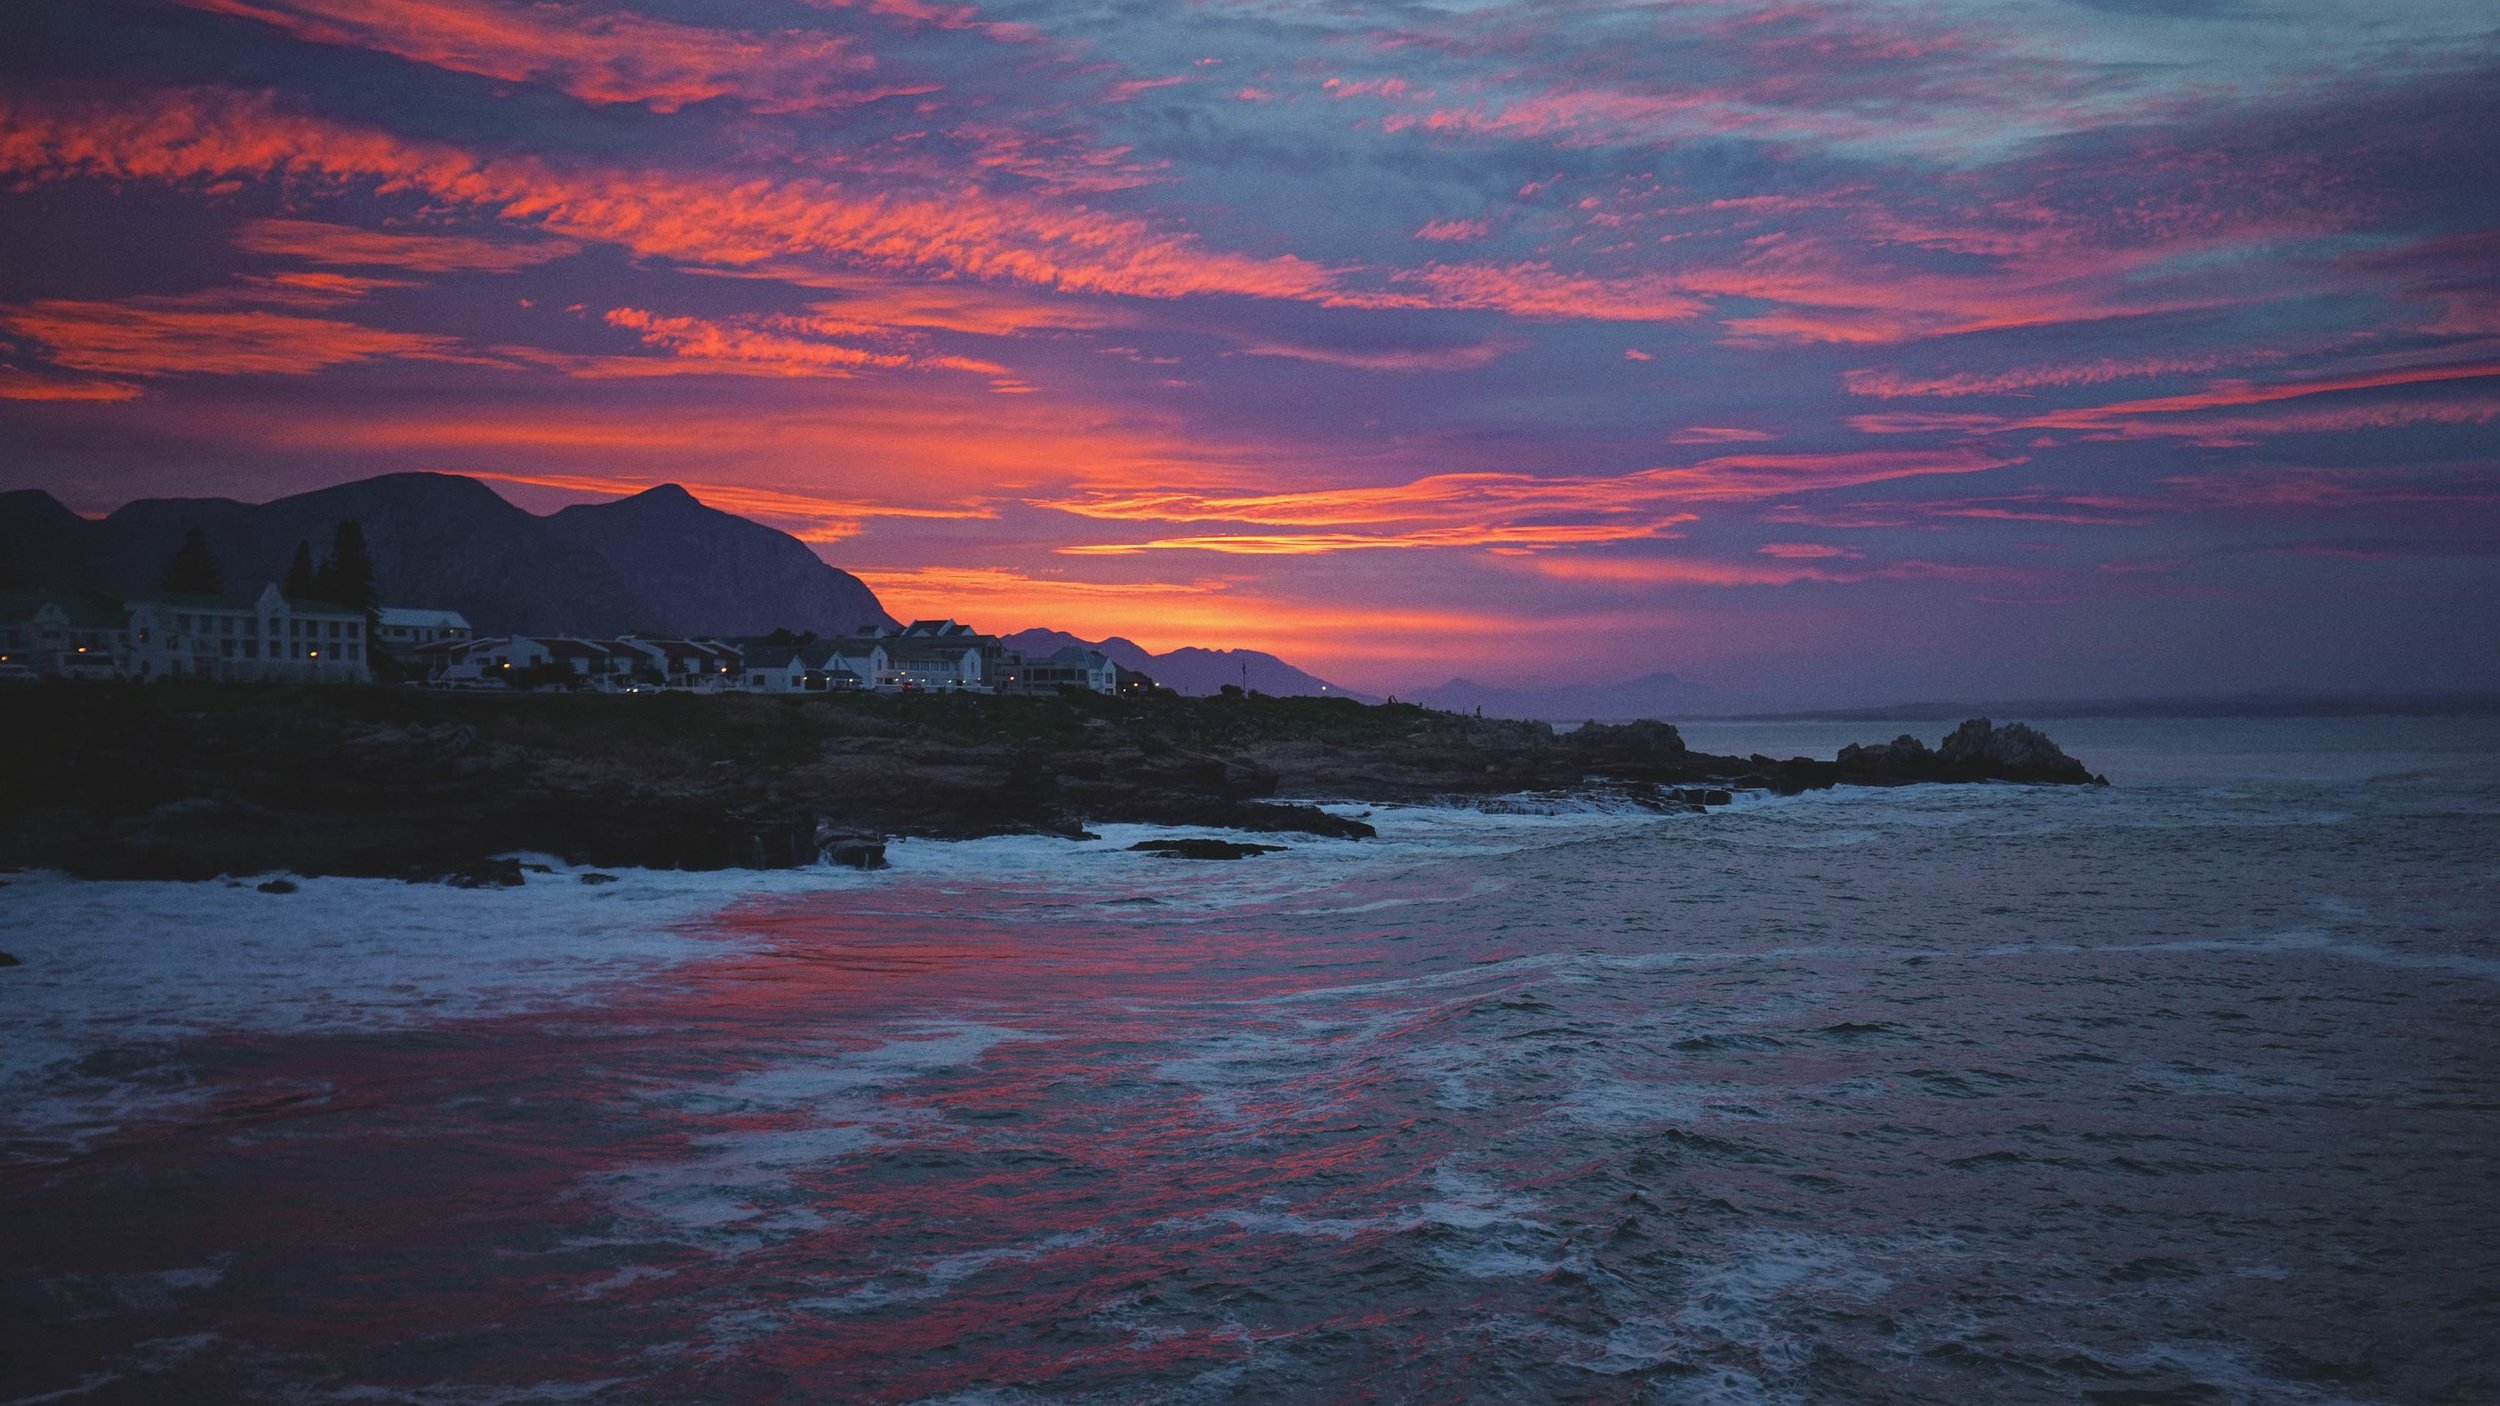 14_Giepert_South_Africa.jpg